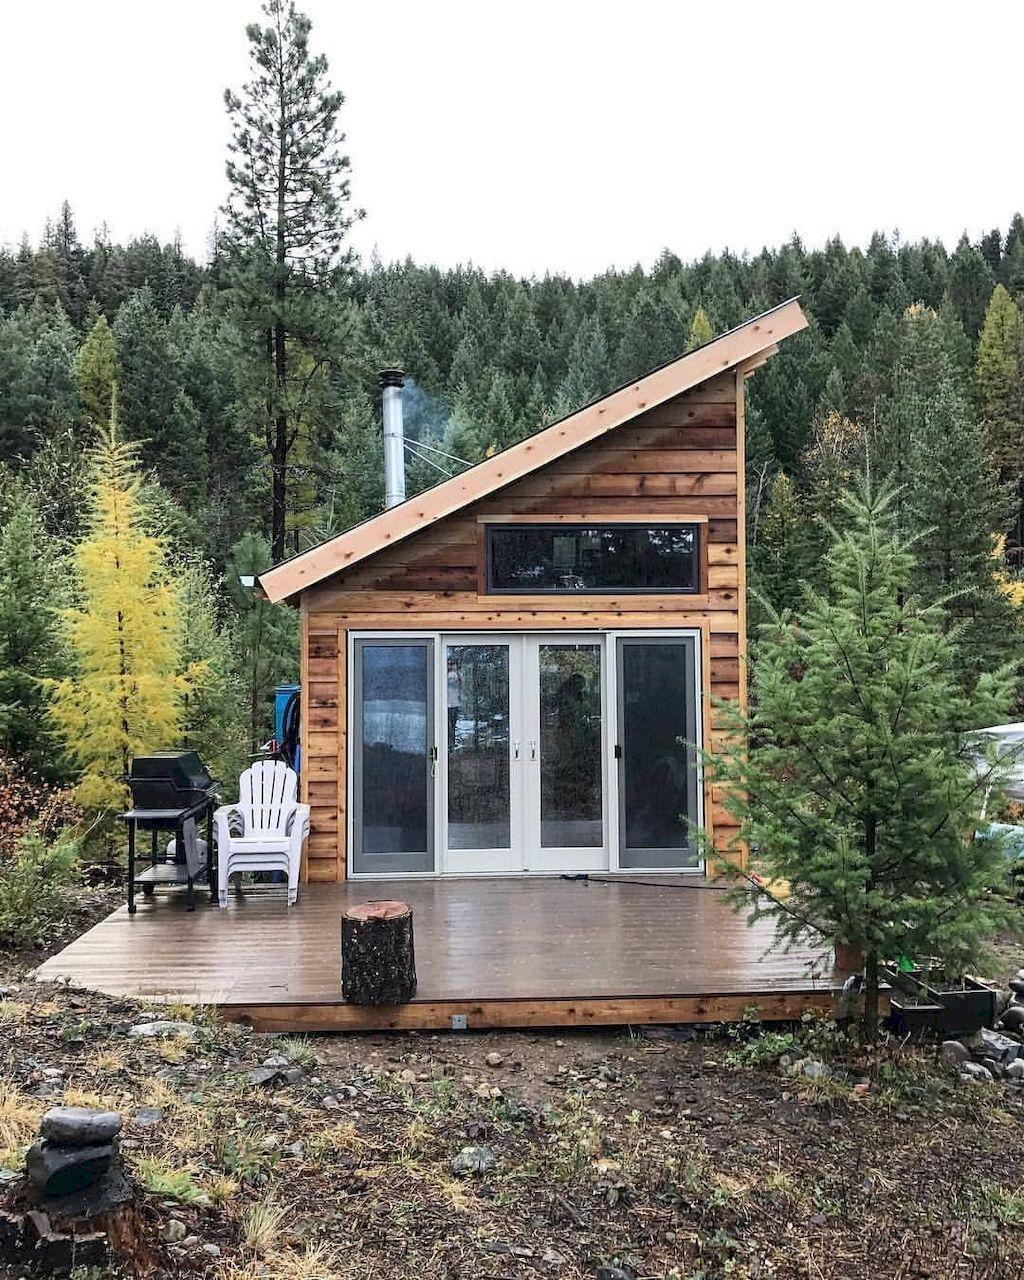 65 Awesome Tiny House Interior Design Ideas - Decoradeas